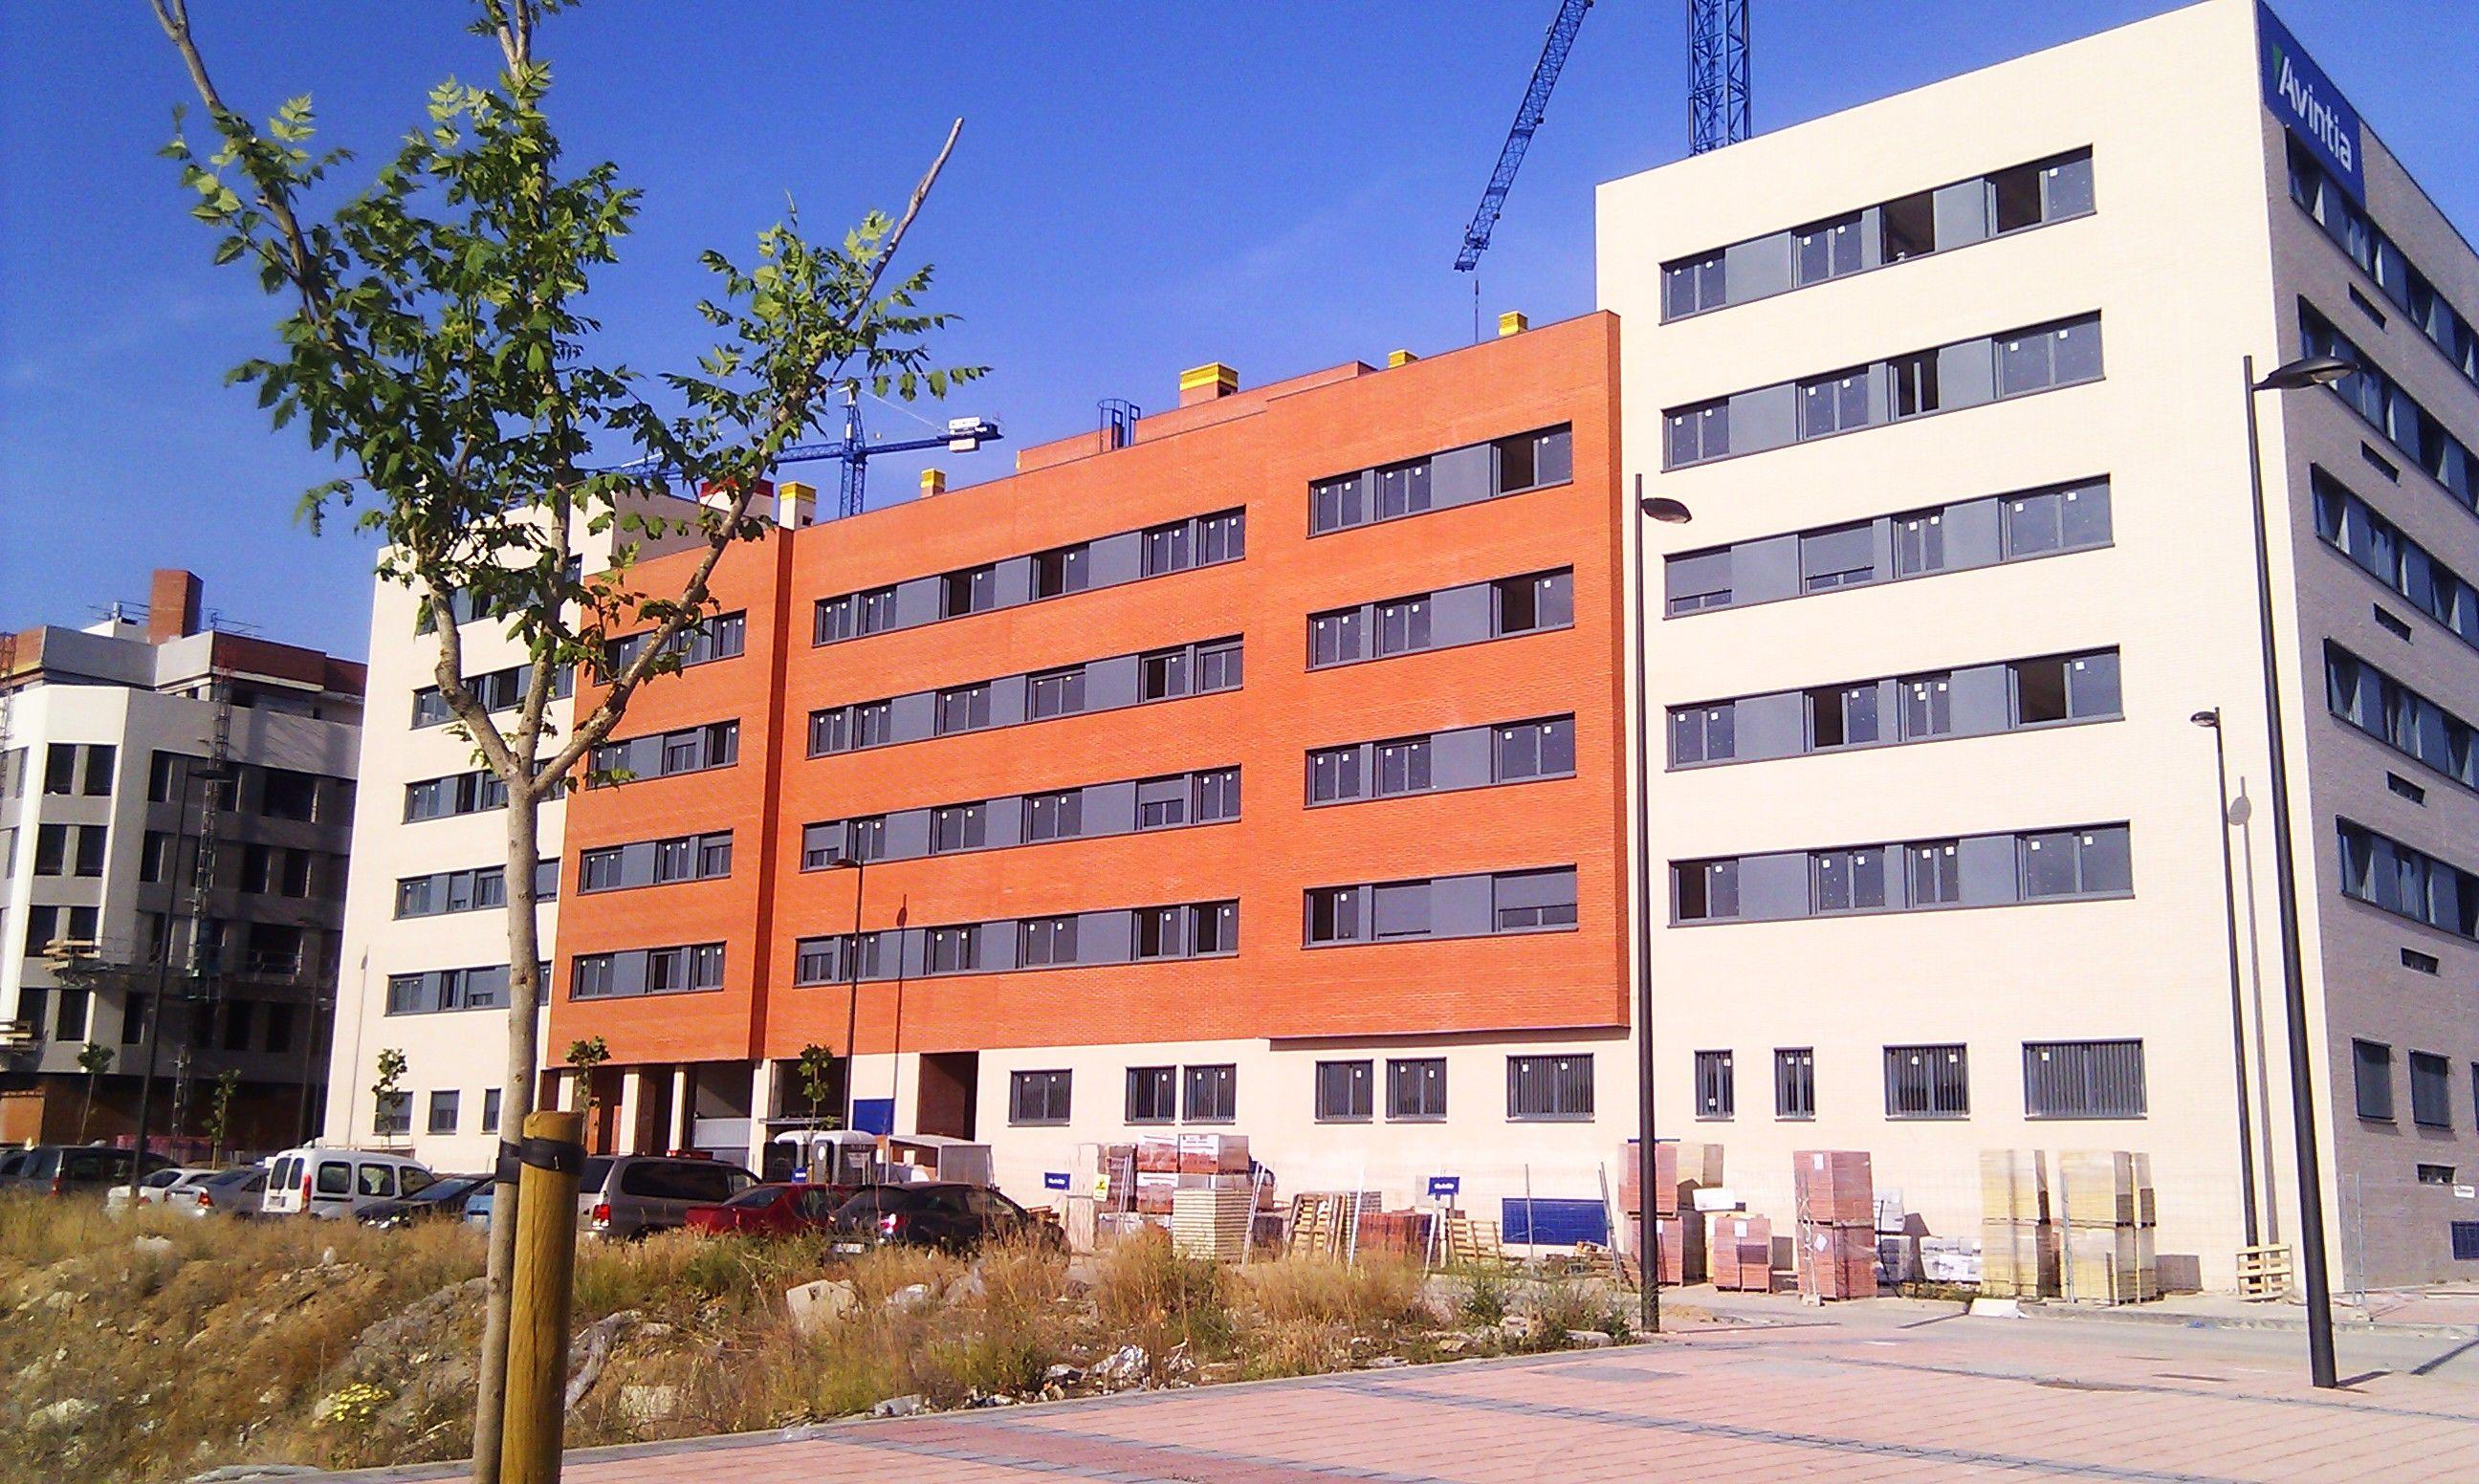 Viviendas en Los Molinos, Madrid